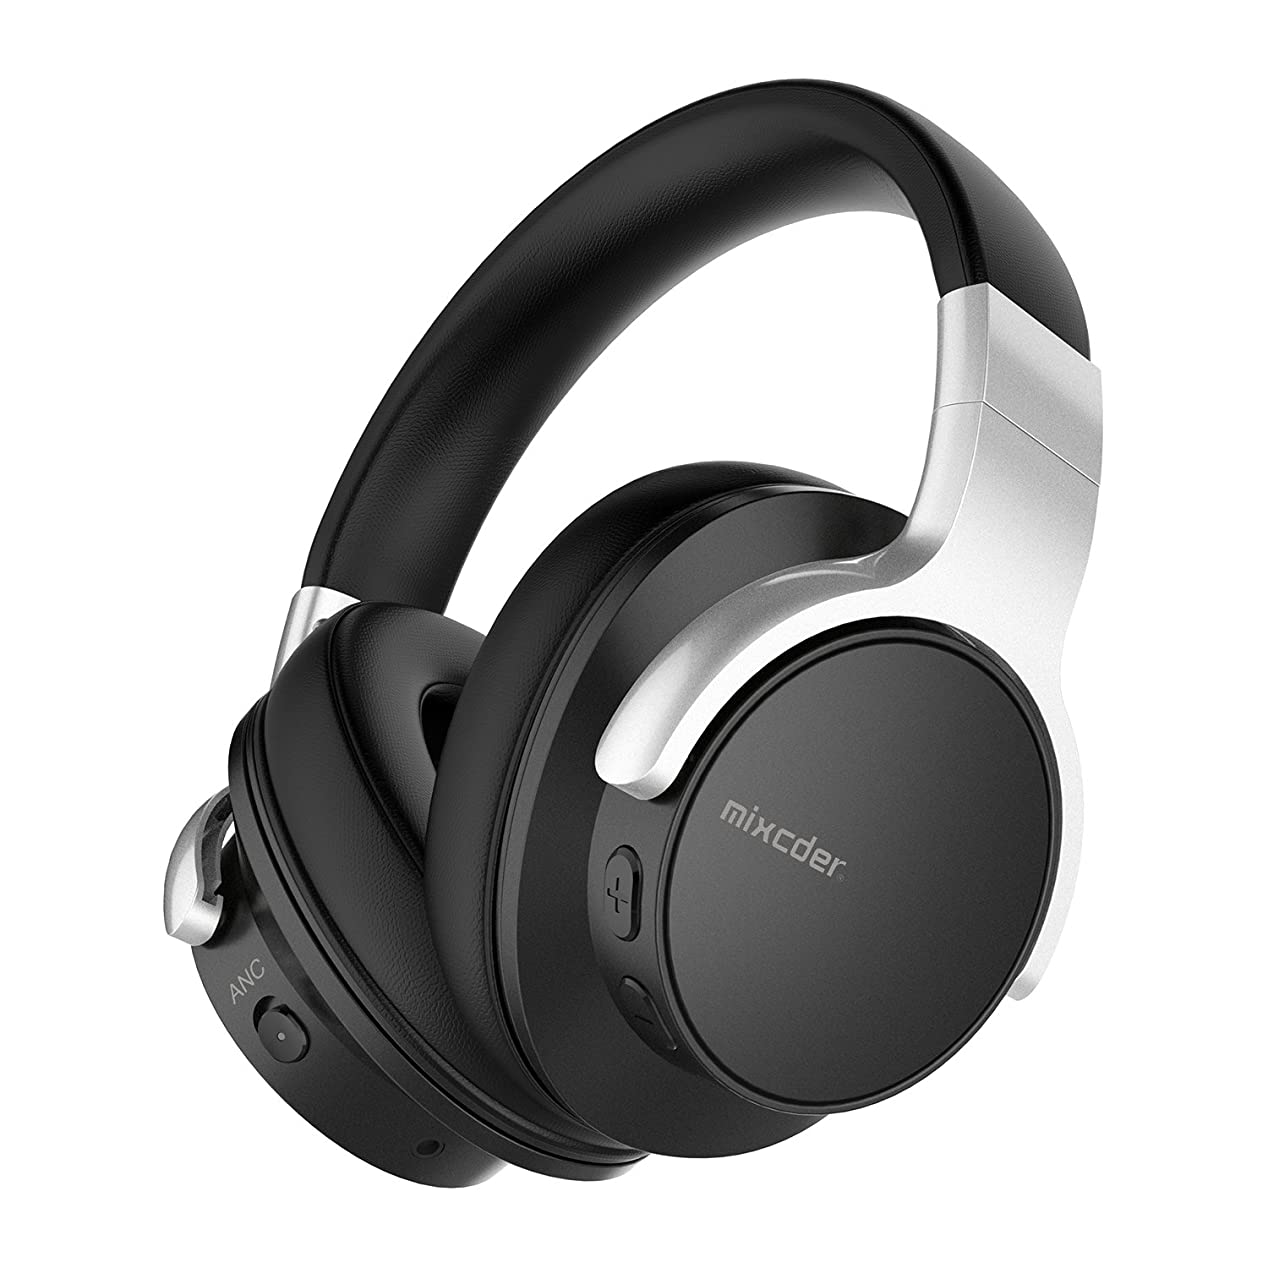 先住民複製する放置Mixcder E7 ノイズキャンセリング Bluetooth ヘッドホン 密閉型 高音質 ケーブル着脱式 20時間再生 マイク付き ハンズフリー通話可能 PC/スマートホン/TVなどに対応 ワイヤレス ヘッドセット